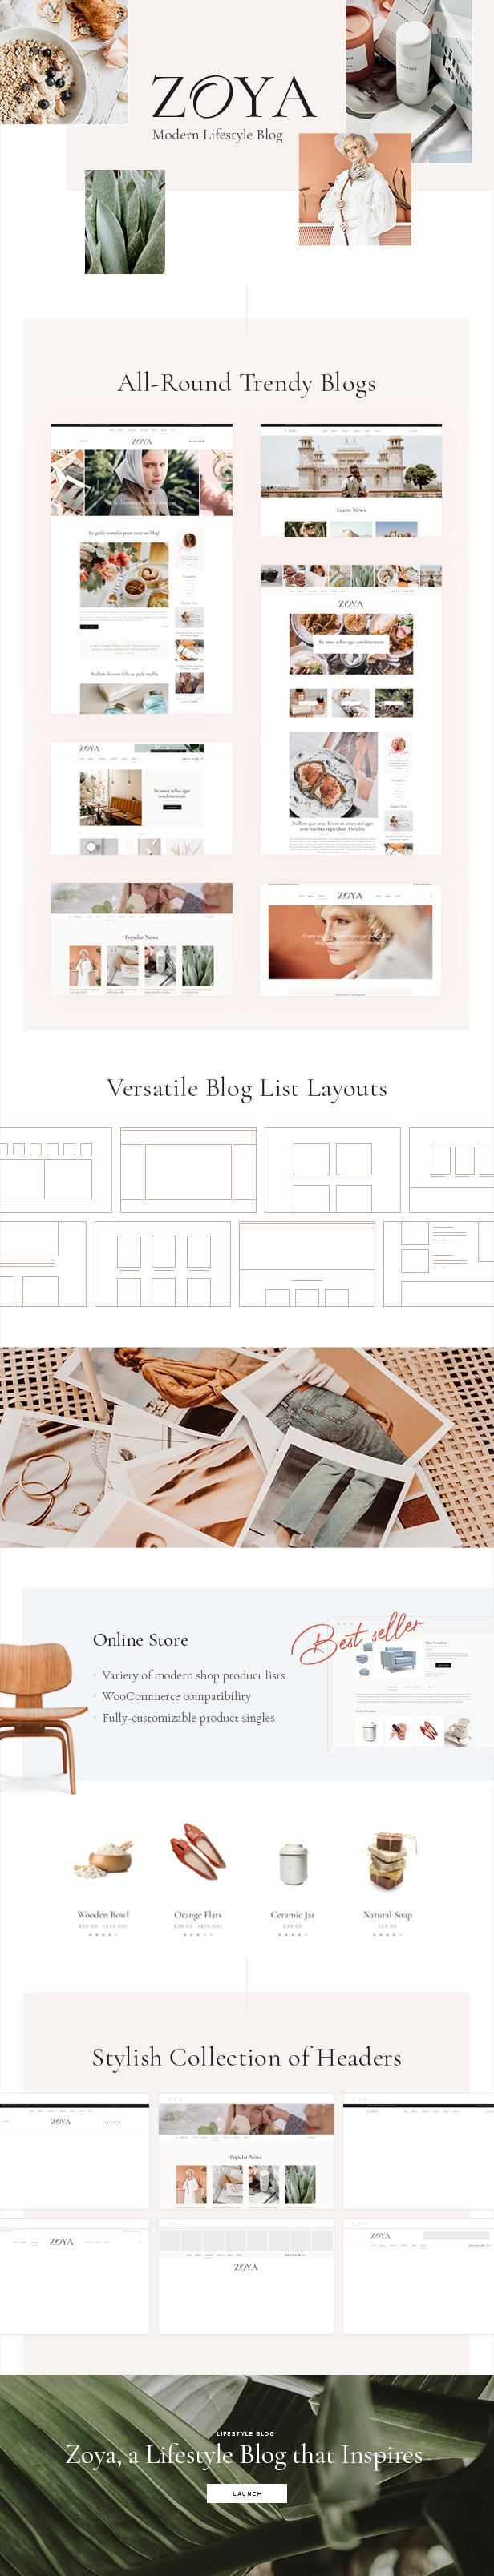 Zoya - Lifestyle Blog - 2